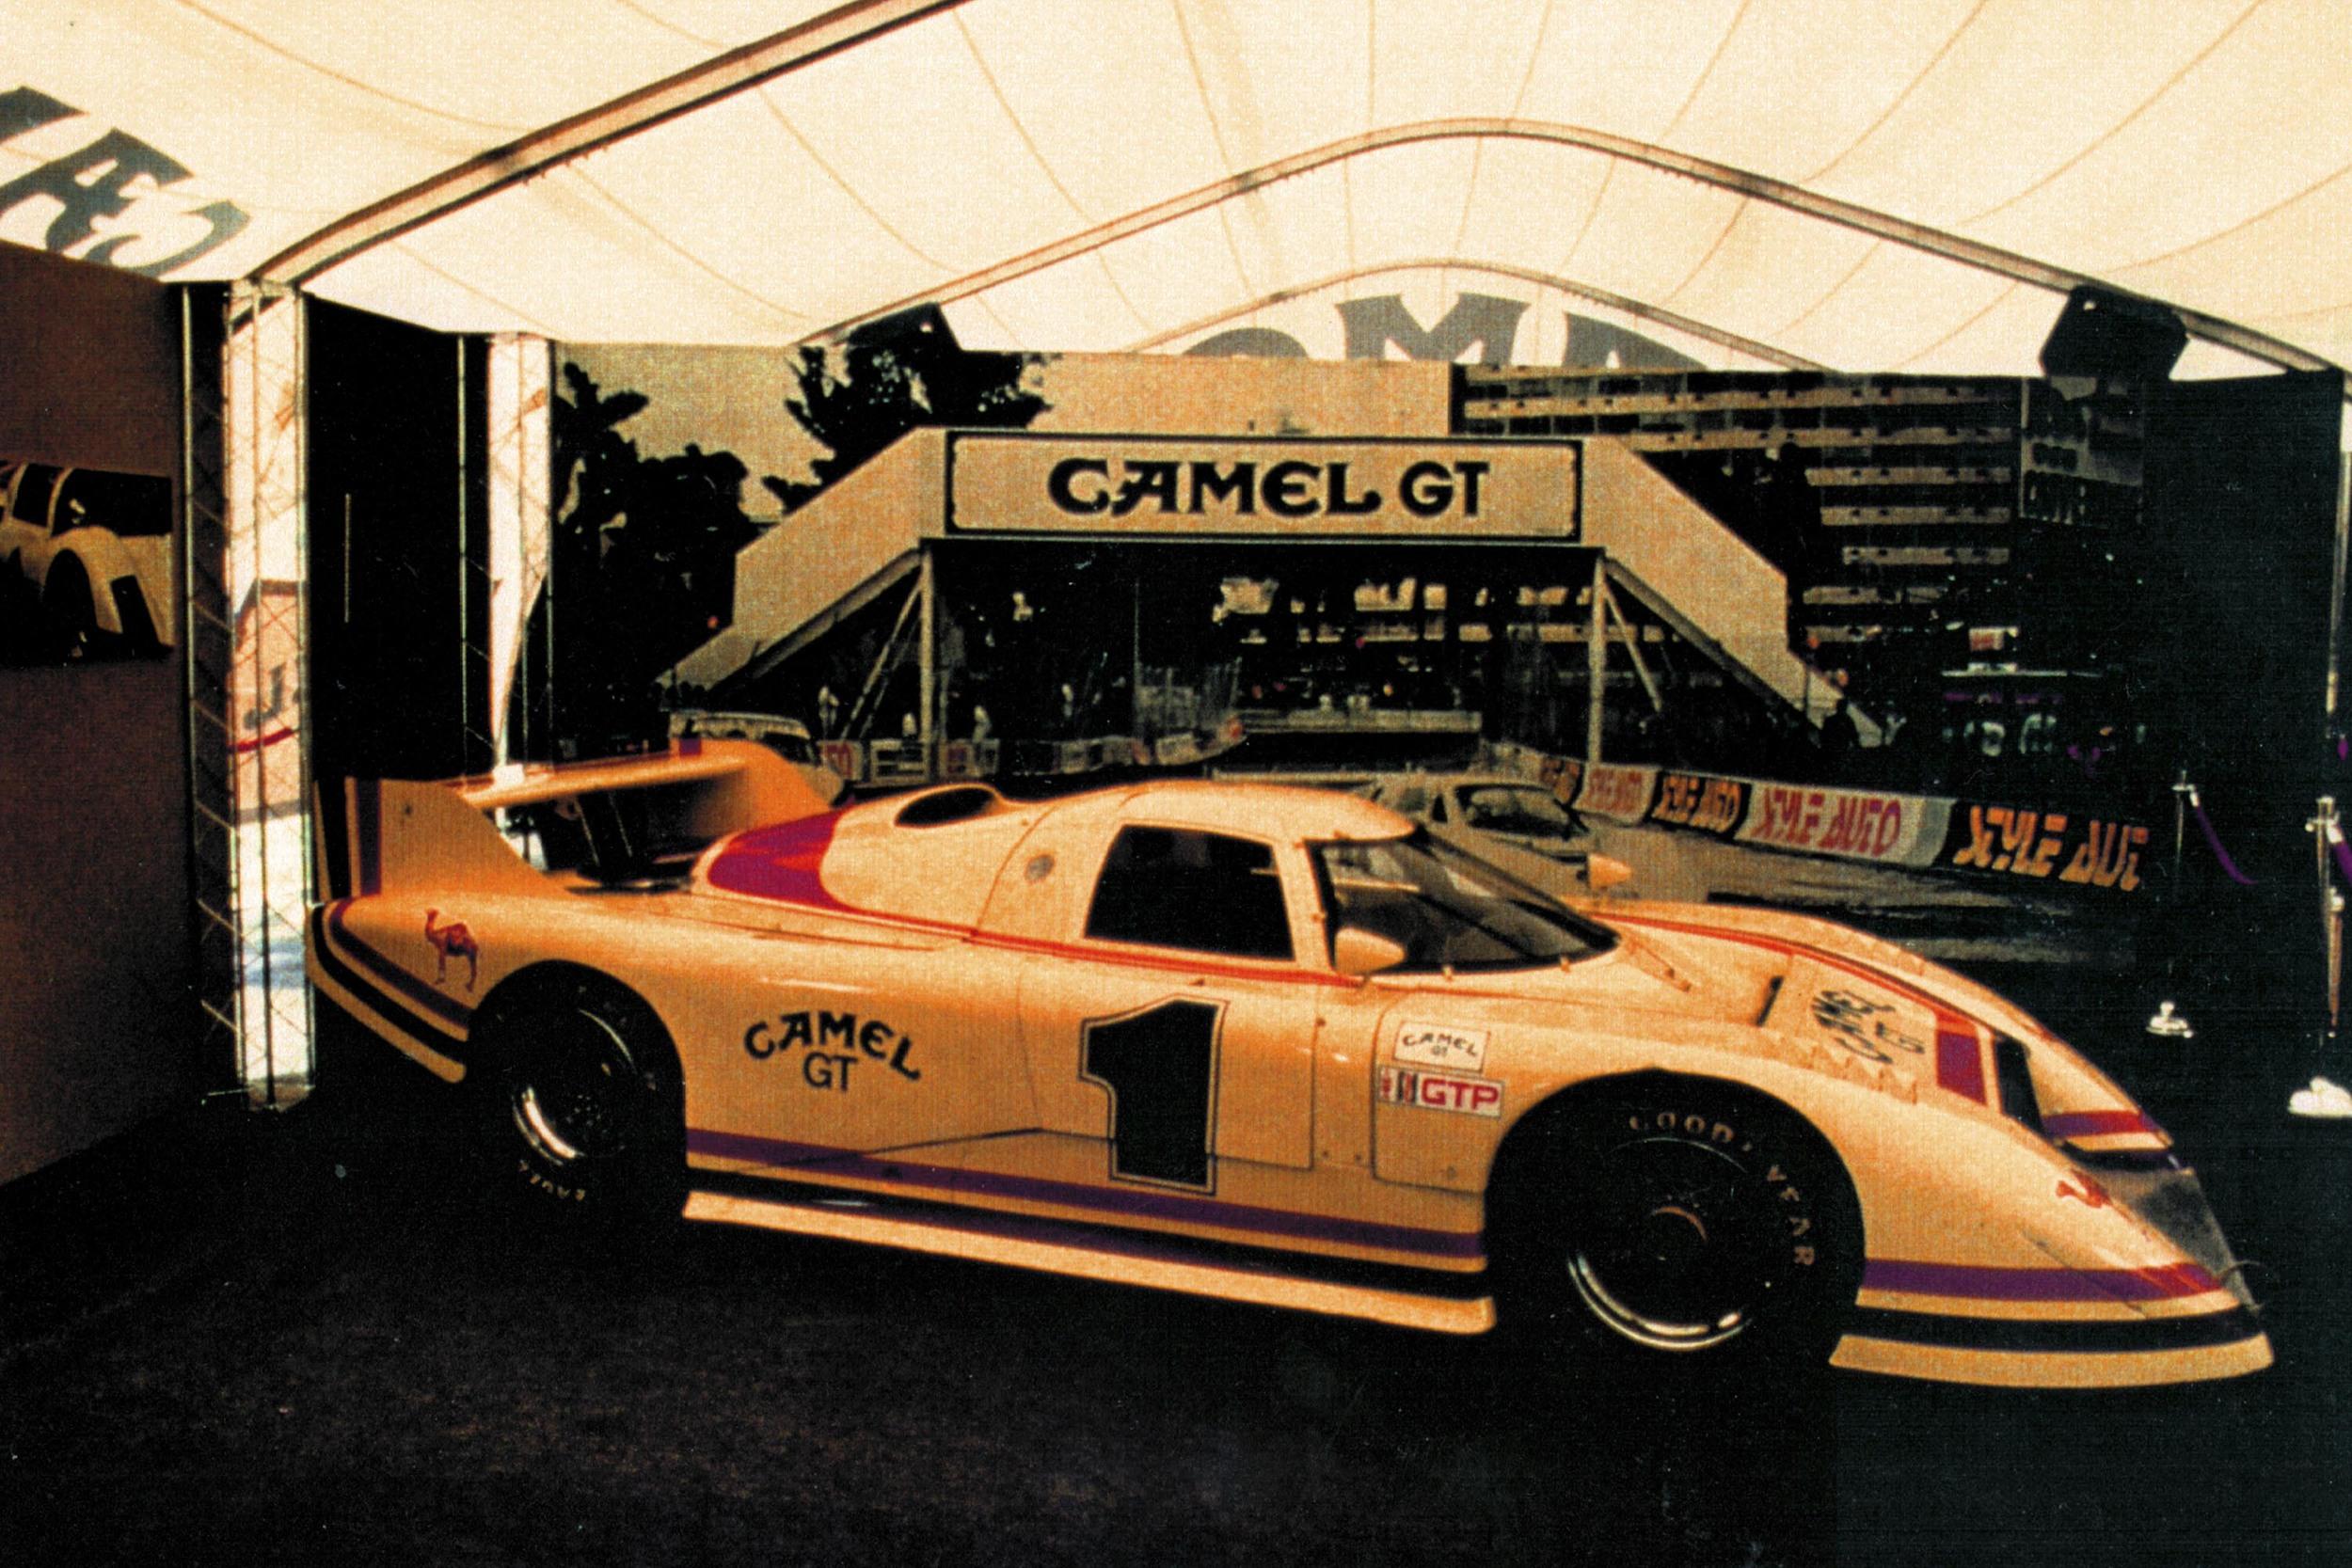 Camel GT Exhibit